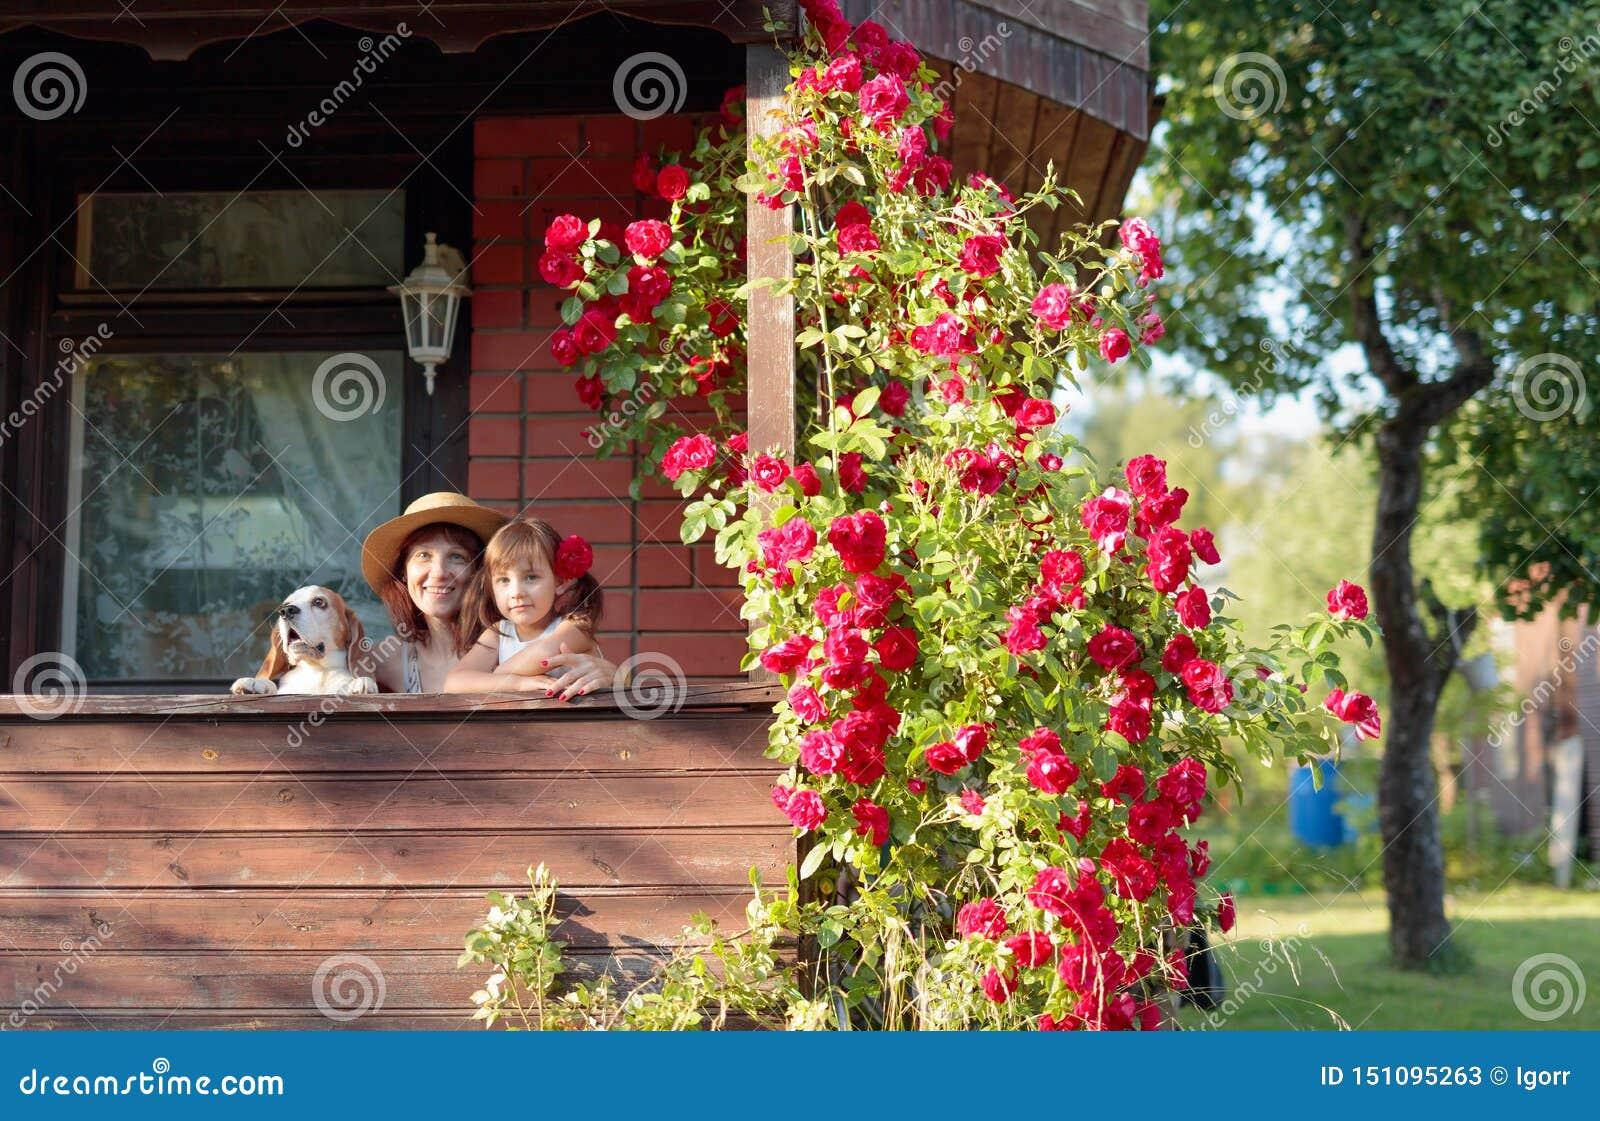 Εγγονή, γιαγιά και το σκυλί τους στη βεράντα του του χωριού σπιτιού